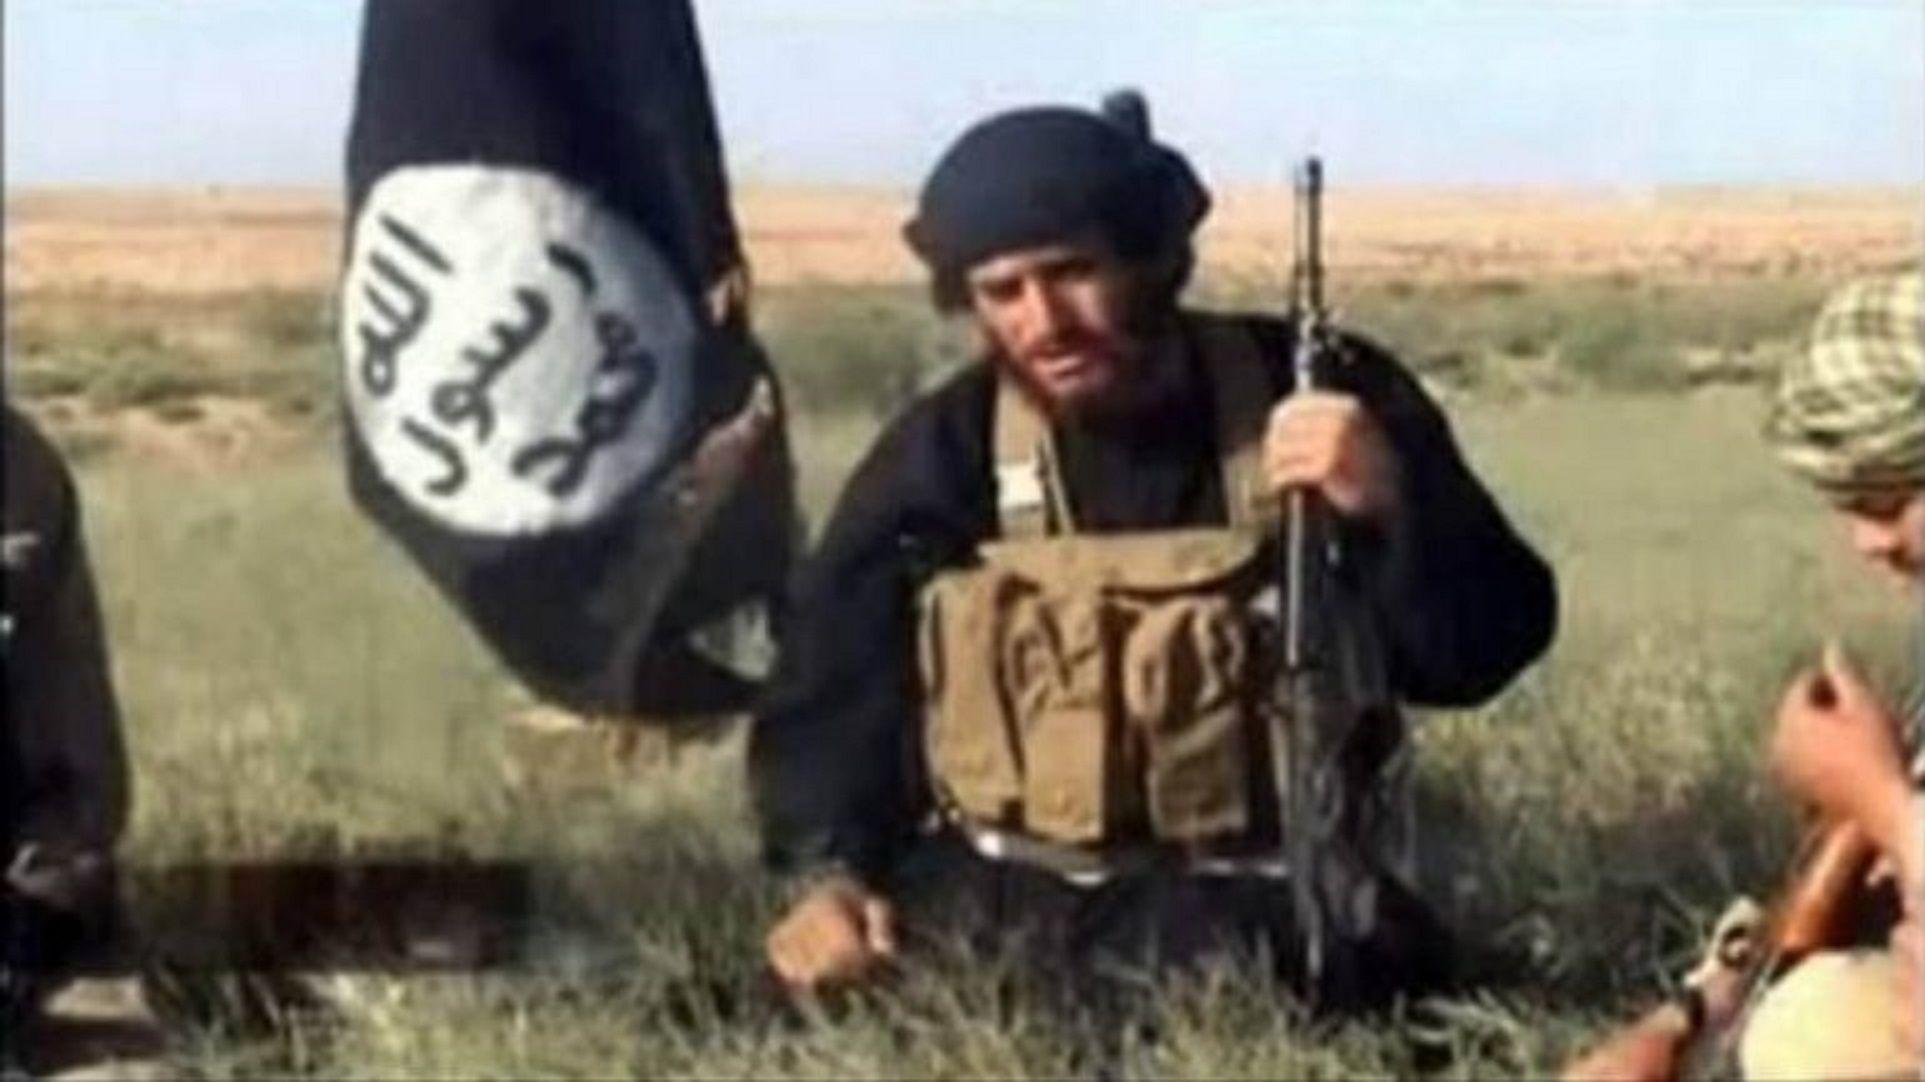 El Estado Islámico anunció la muerte de uno de sus líderes